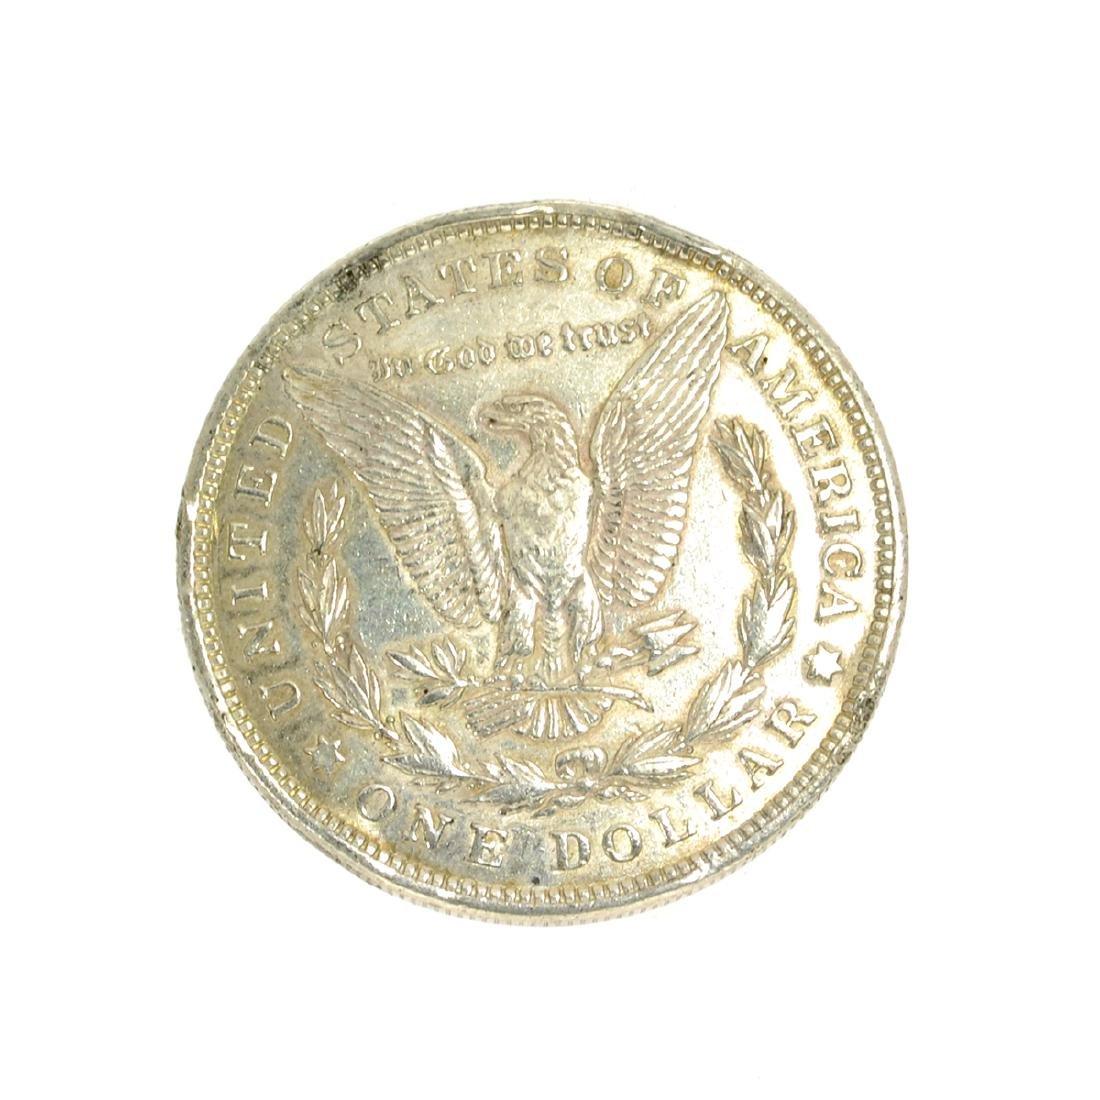 Rare 1921 Silver Dollar Coin - 2